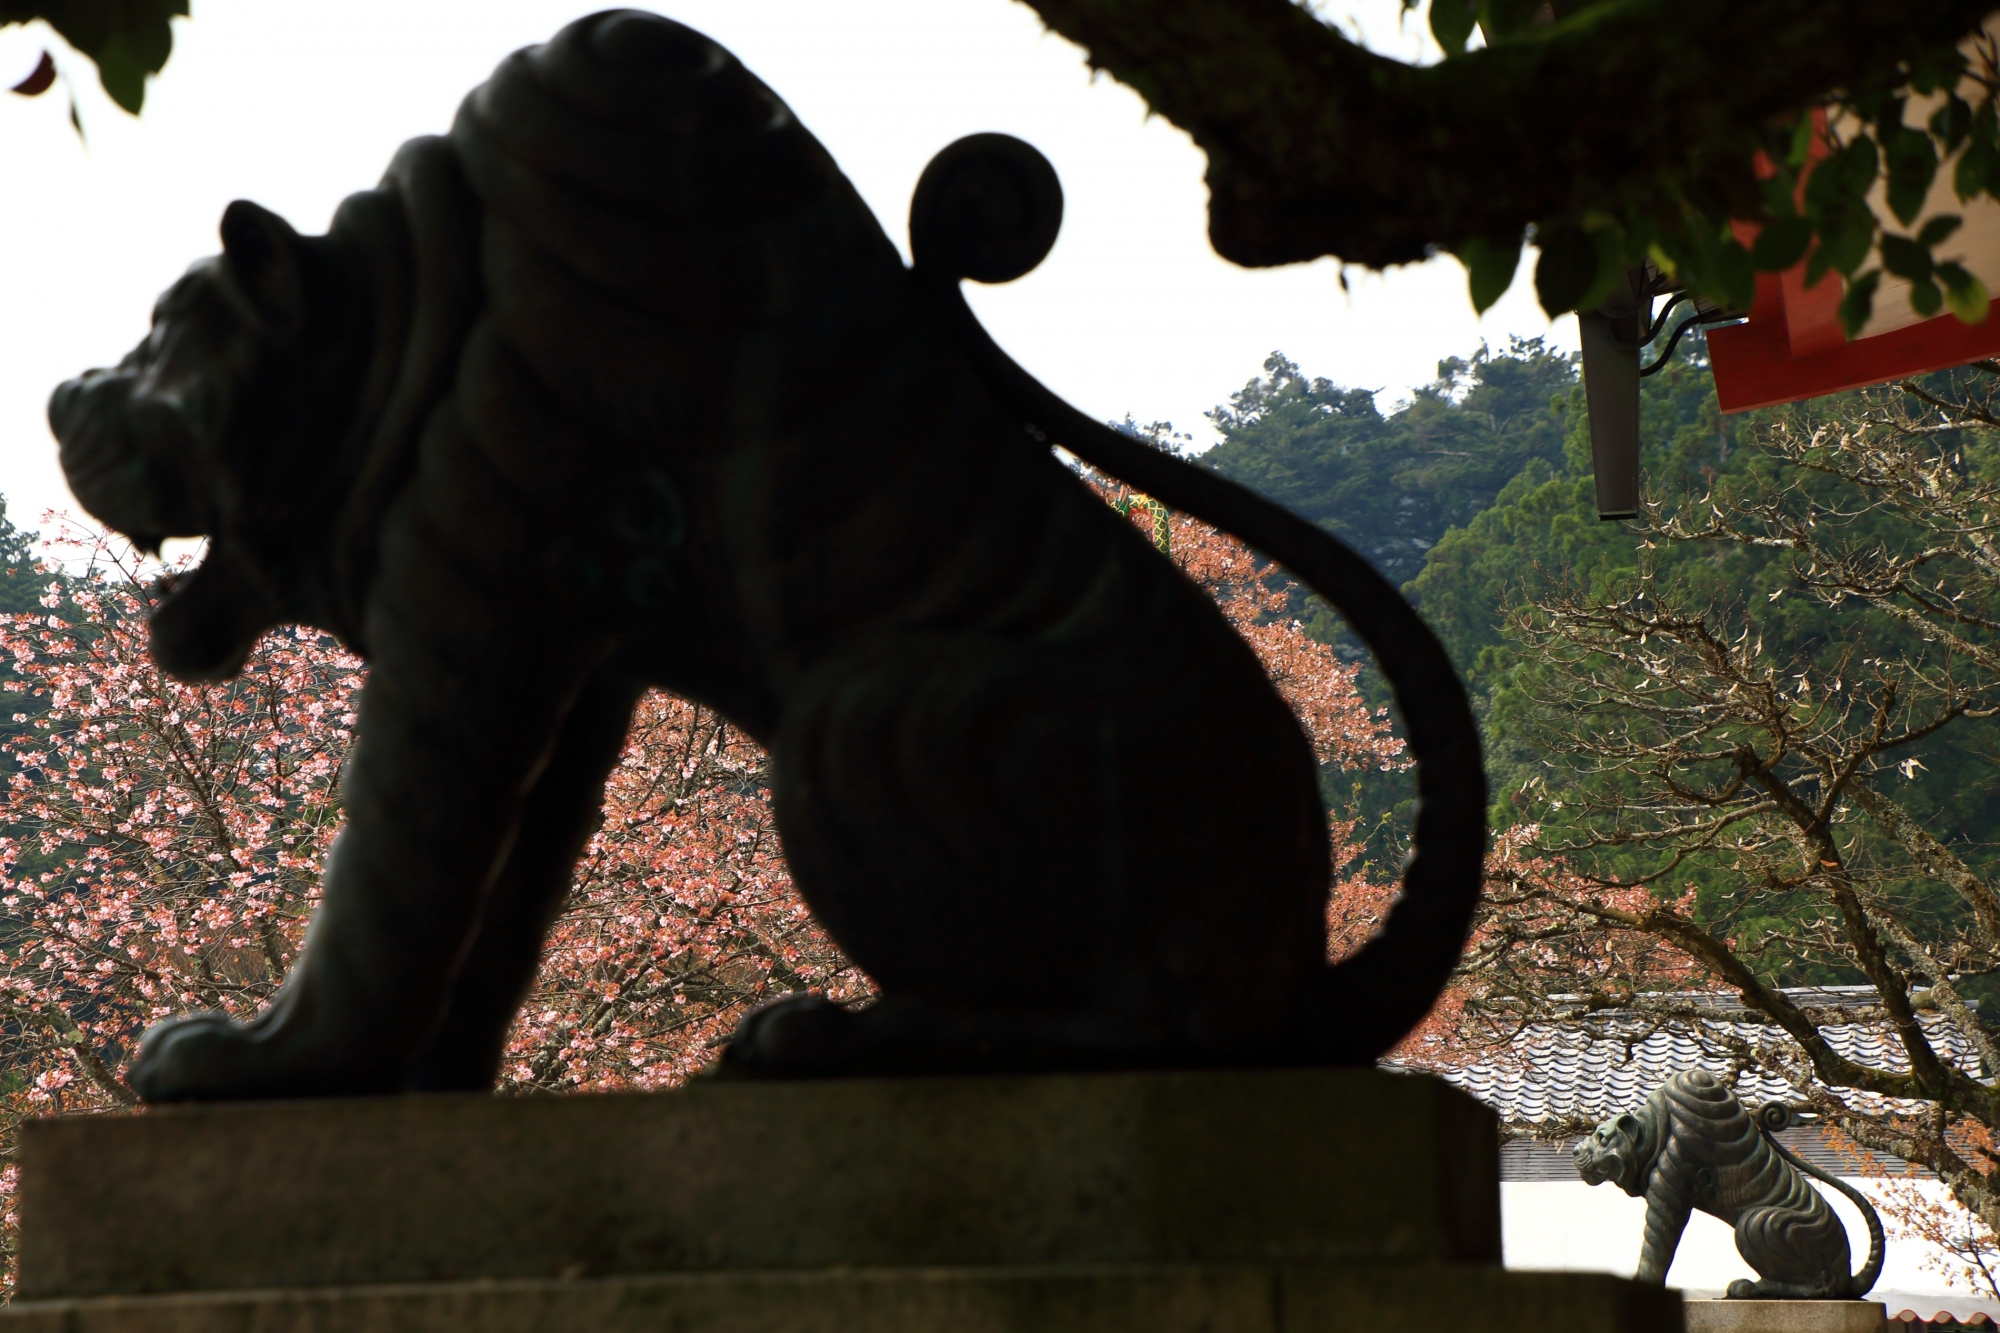 鞍馬寺の金堂前の狛虎